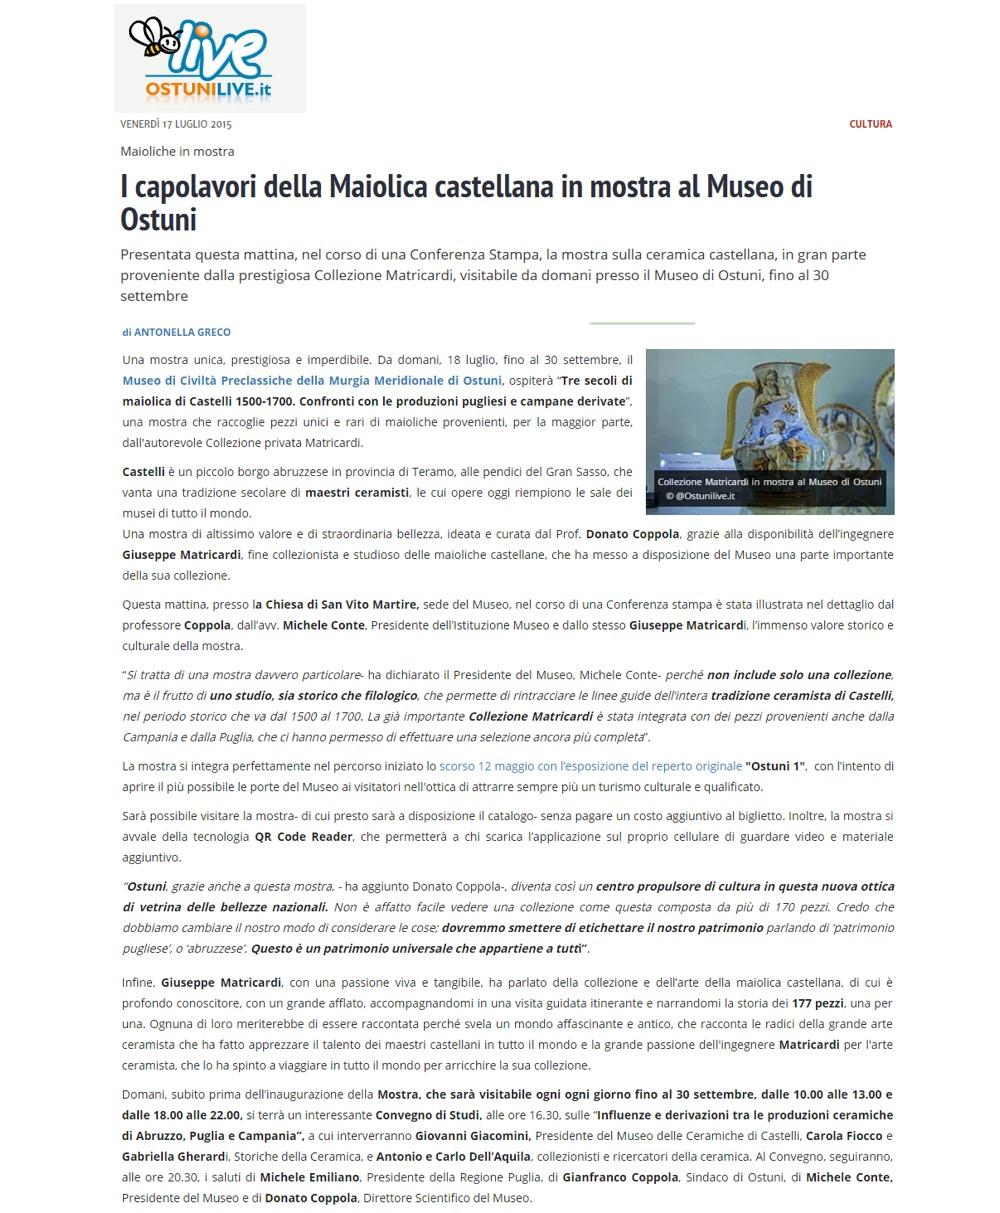 I capolavori della Maiolica castellana in mostra al Museo di Ostuni (OstuniLive.it)